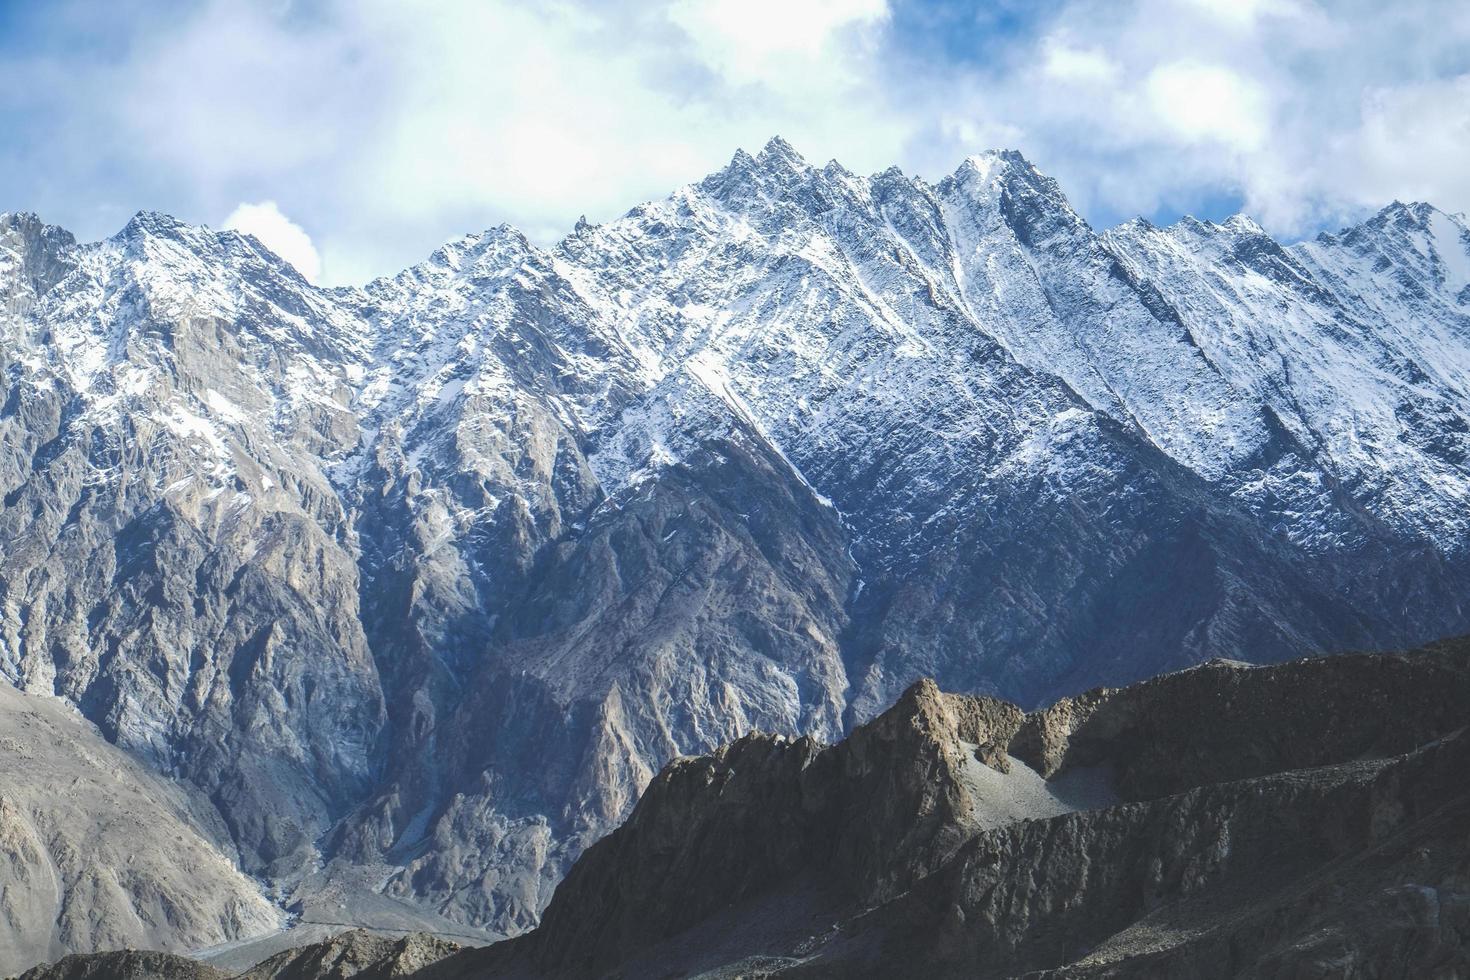 Montagnes enneigées de la chaîne du karakoram photo